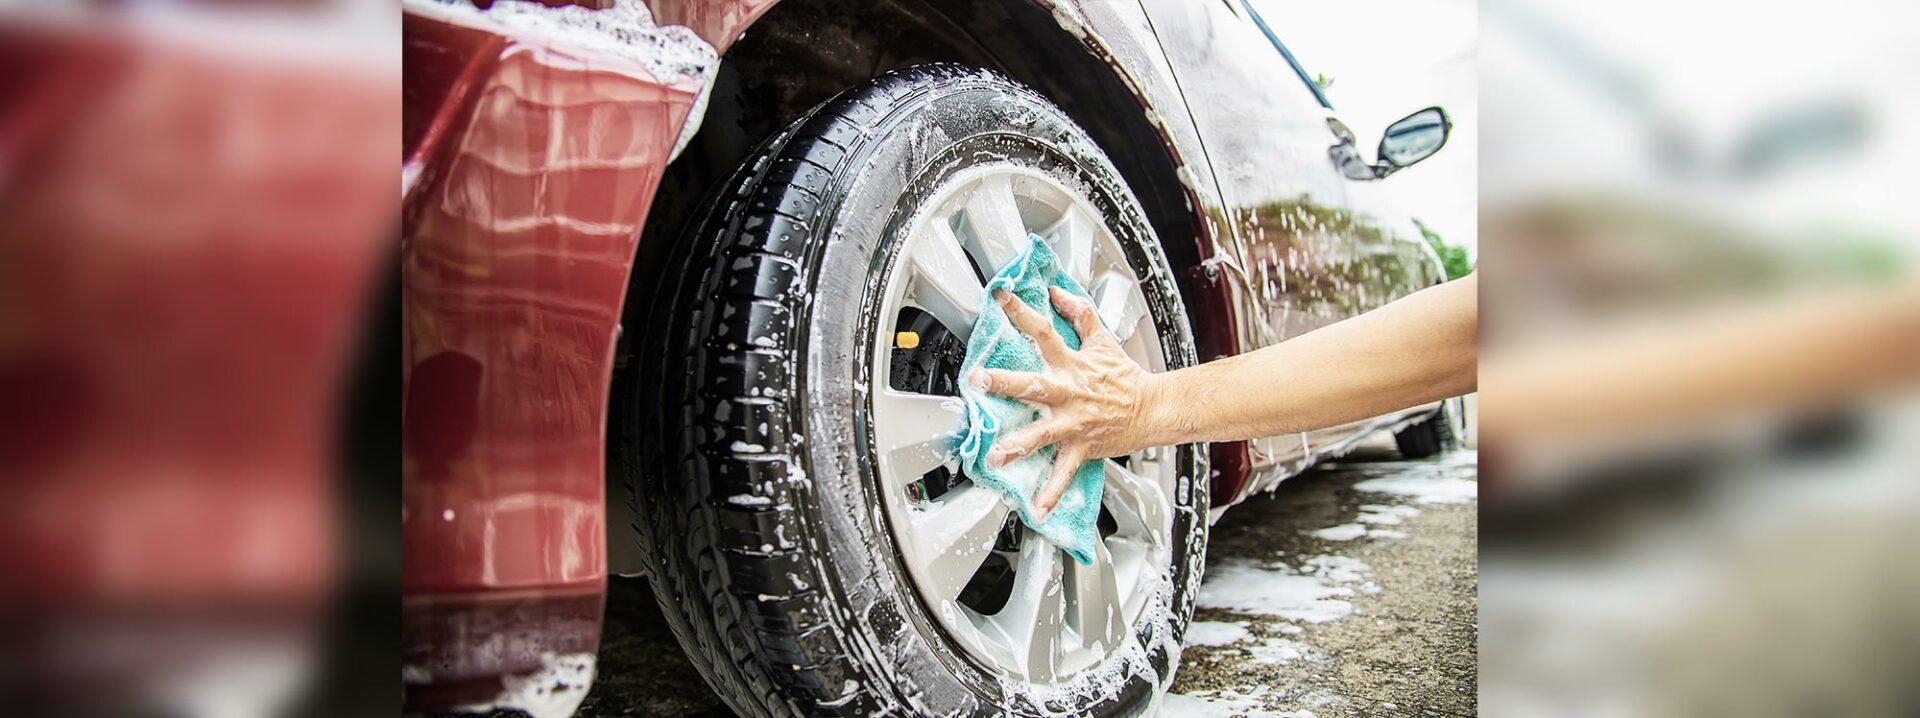 Lave su auto y déjelo como nuevo